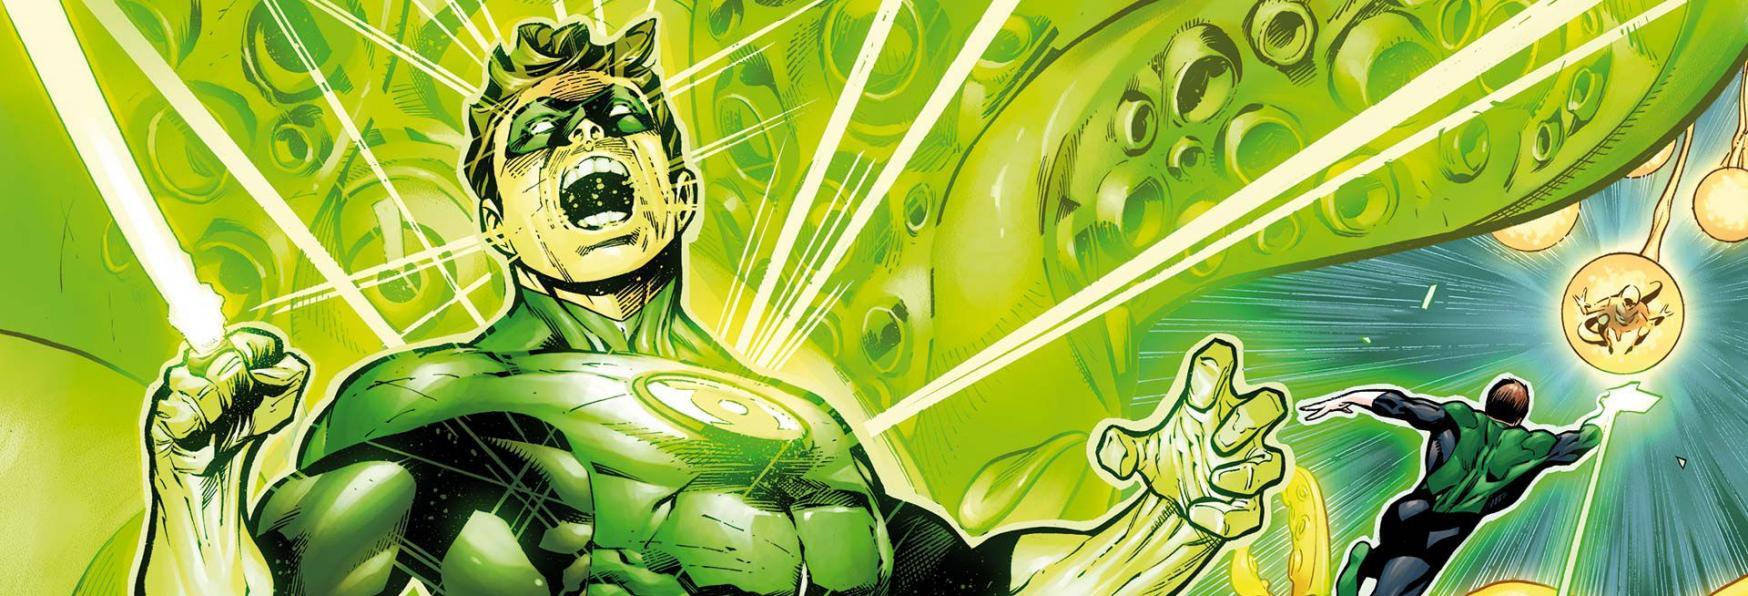 Green Lantern di HBO Max non sarà la Classica Serie TV sui Supereroi